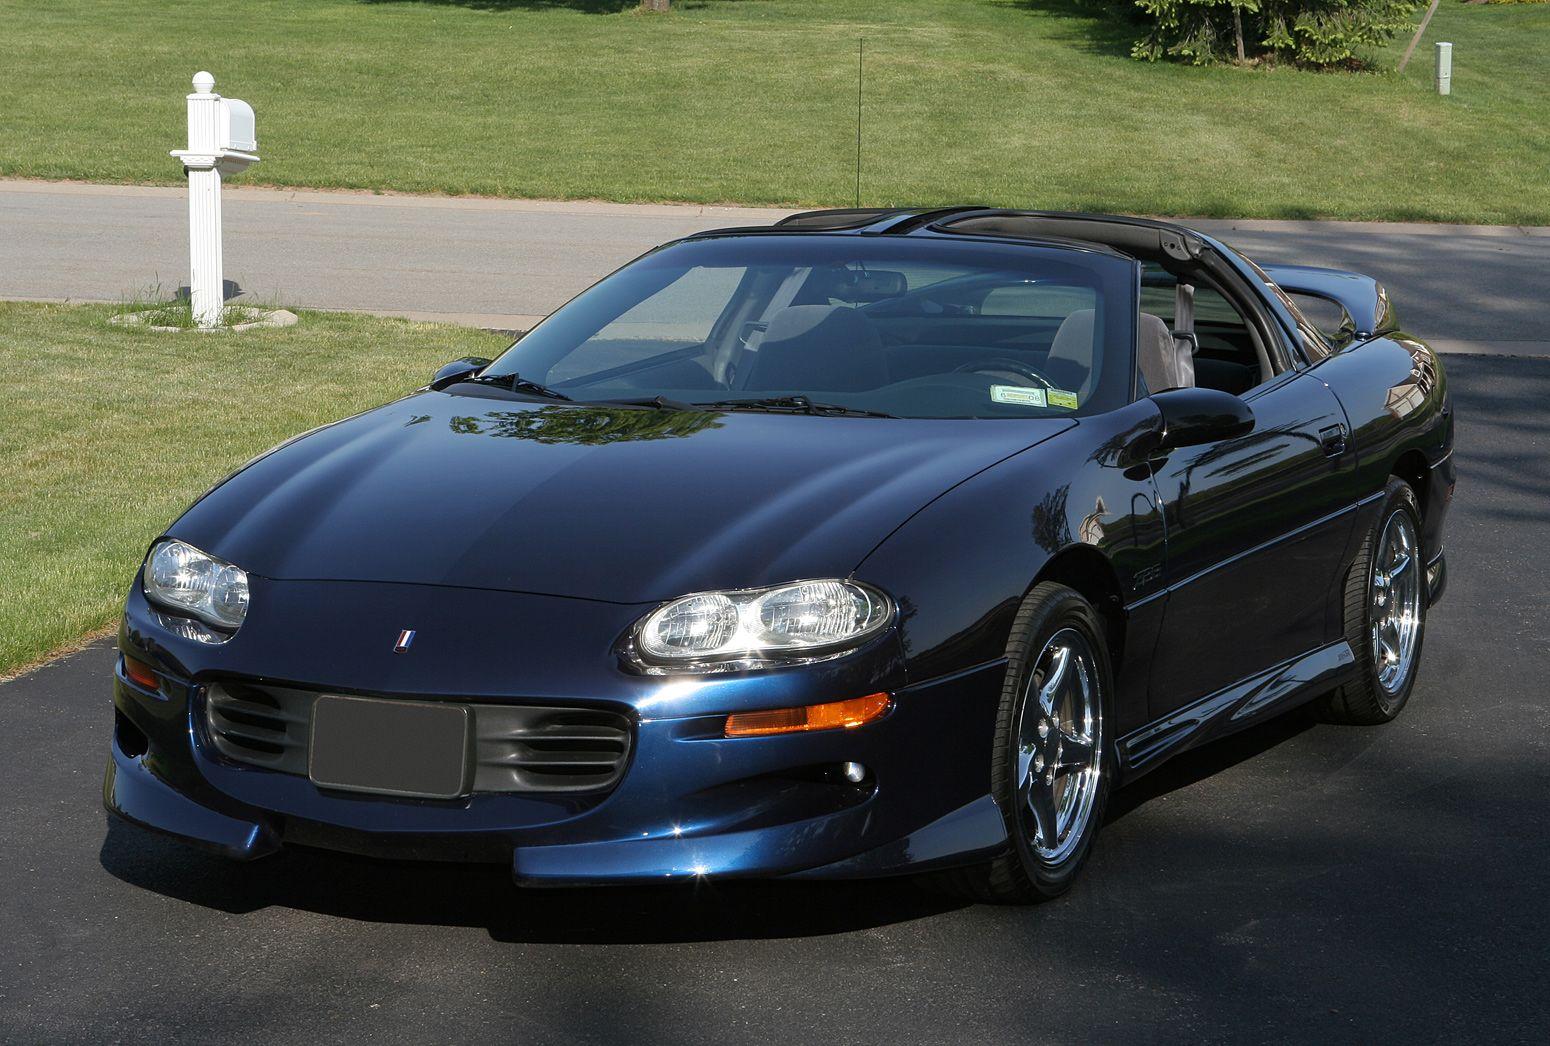 98 Camaro Z28